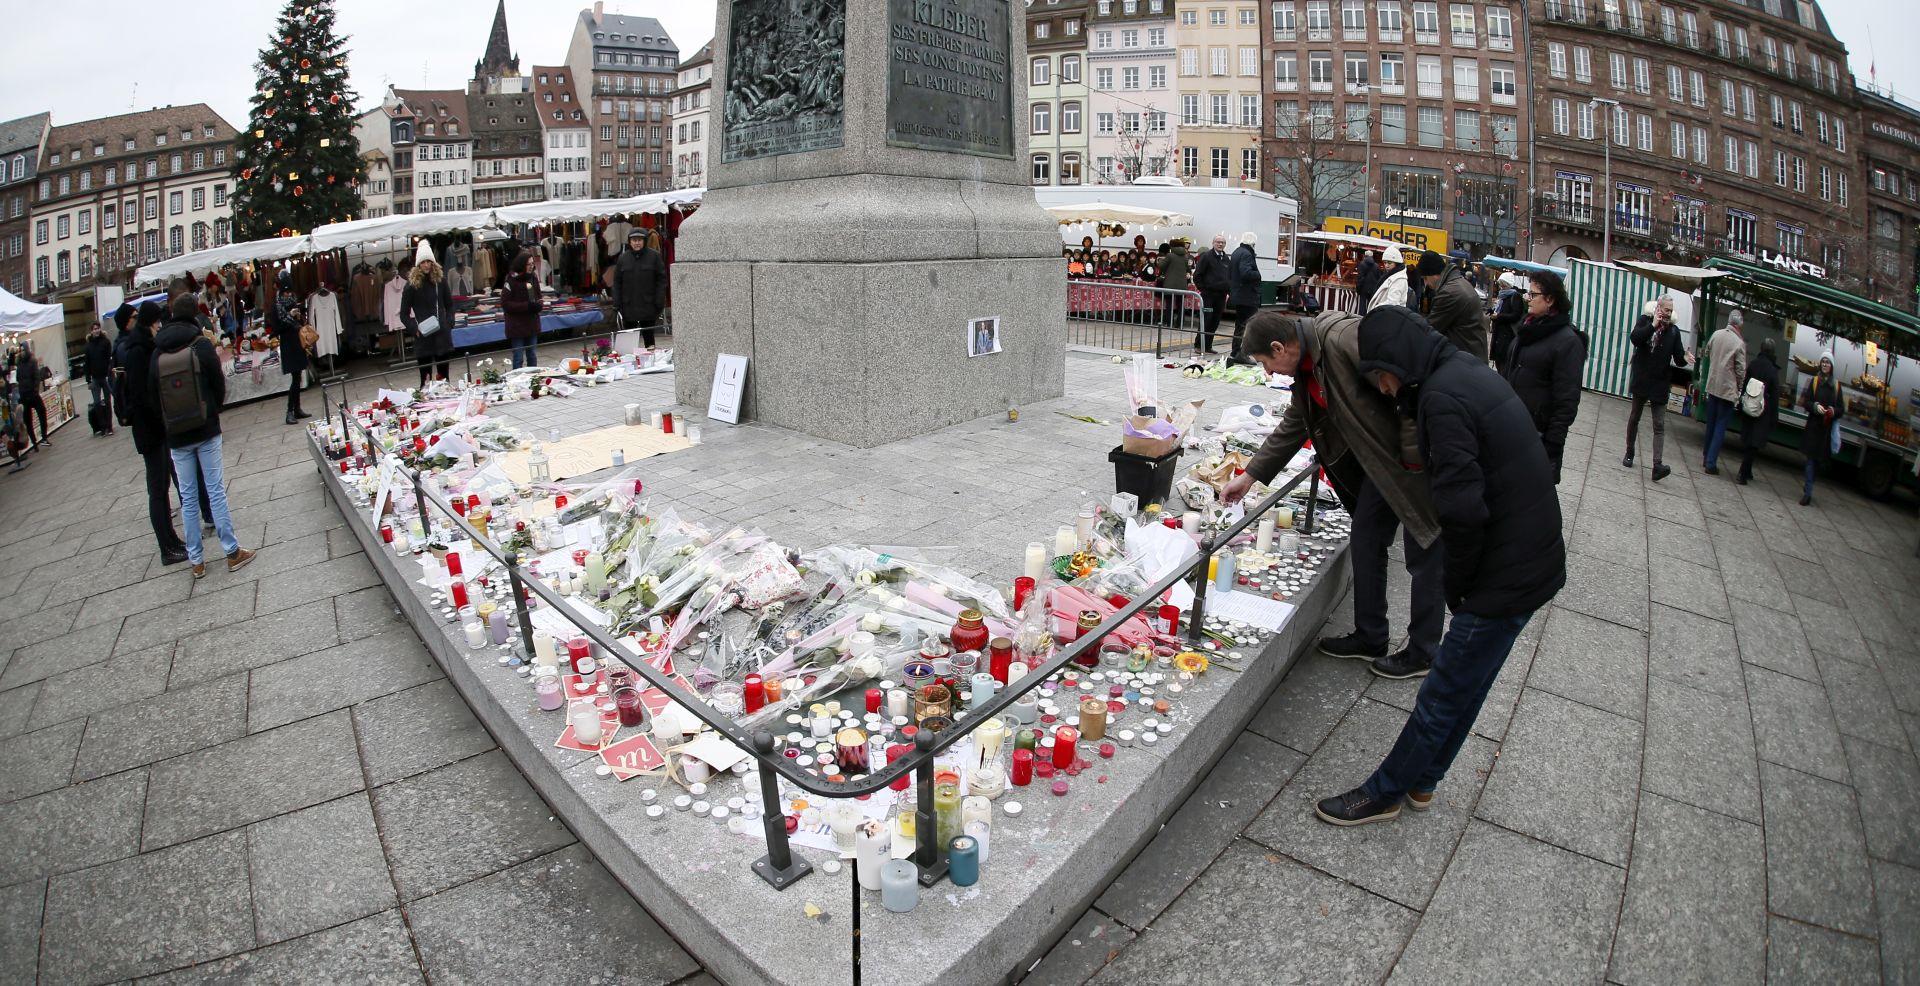 Macron u petak dolazi u Strasbourg odati počast žrtvama